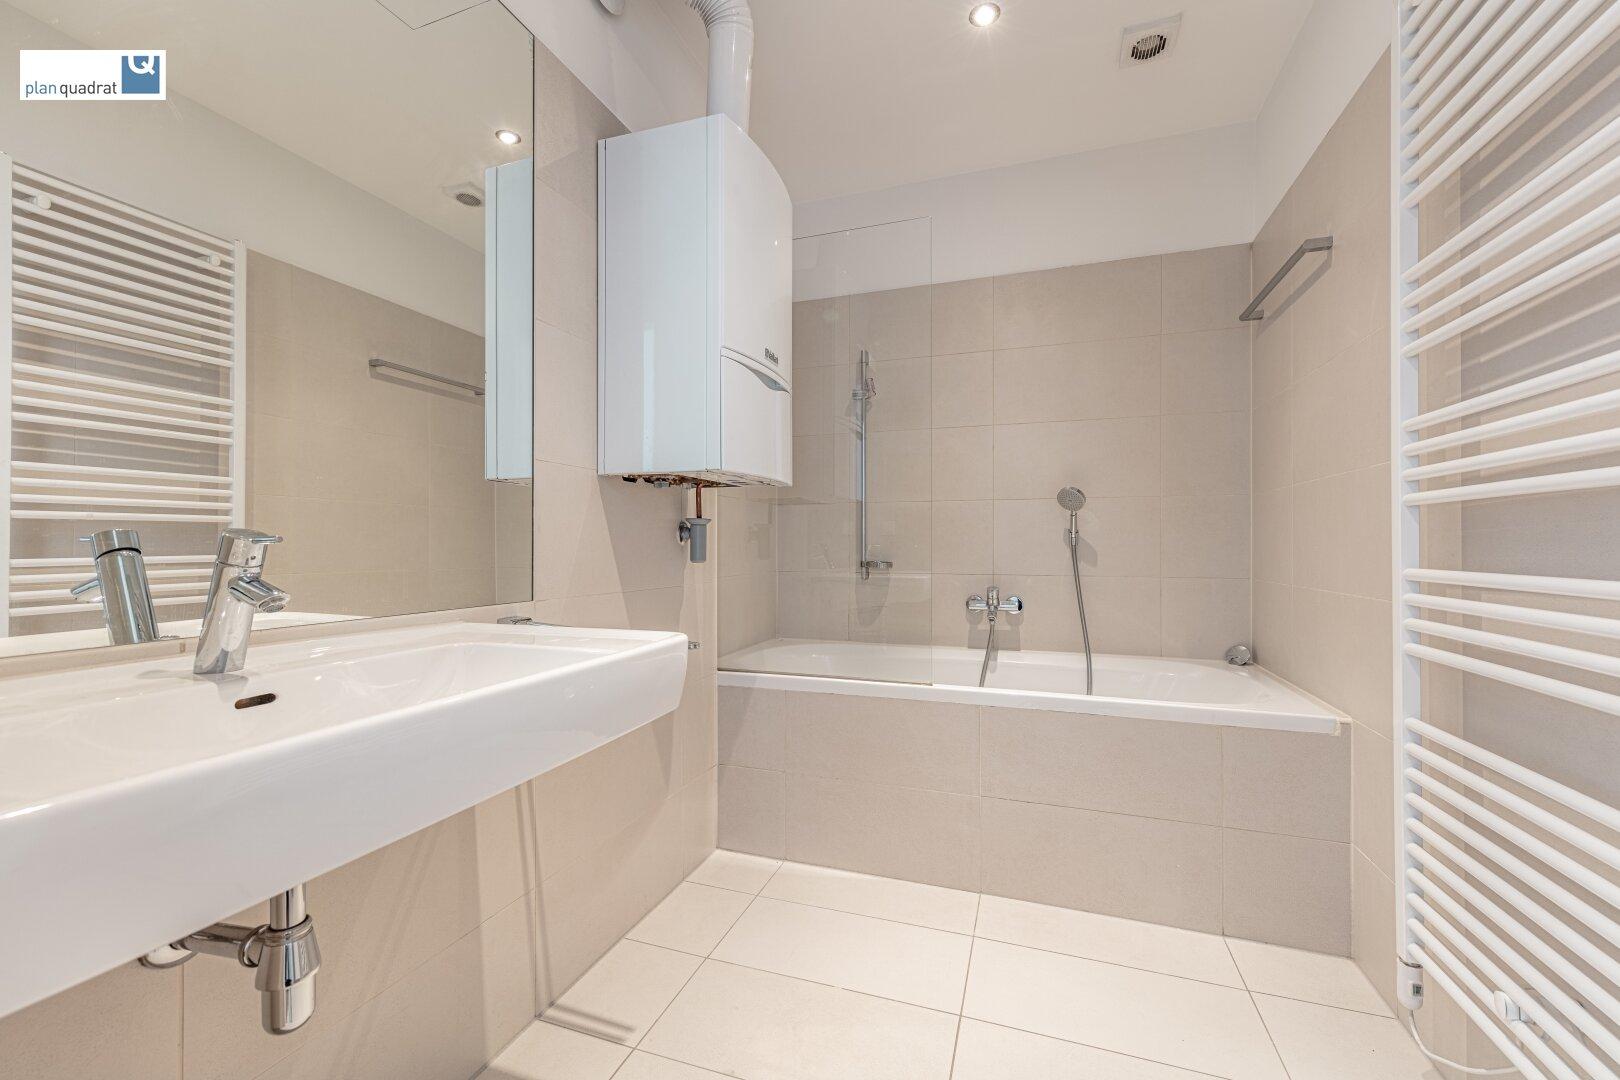 Badezimmer (ca. 4,70 m²) mit Waschbecken und Badewanne